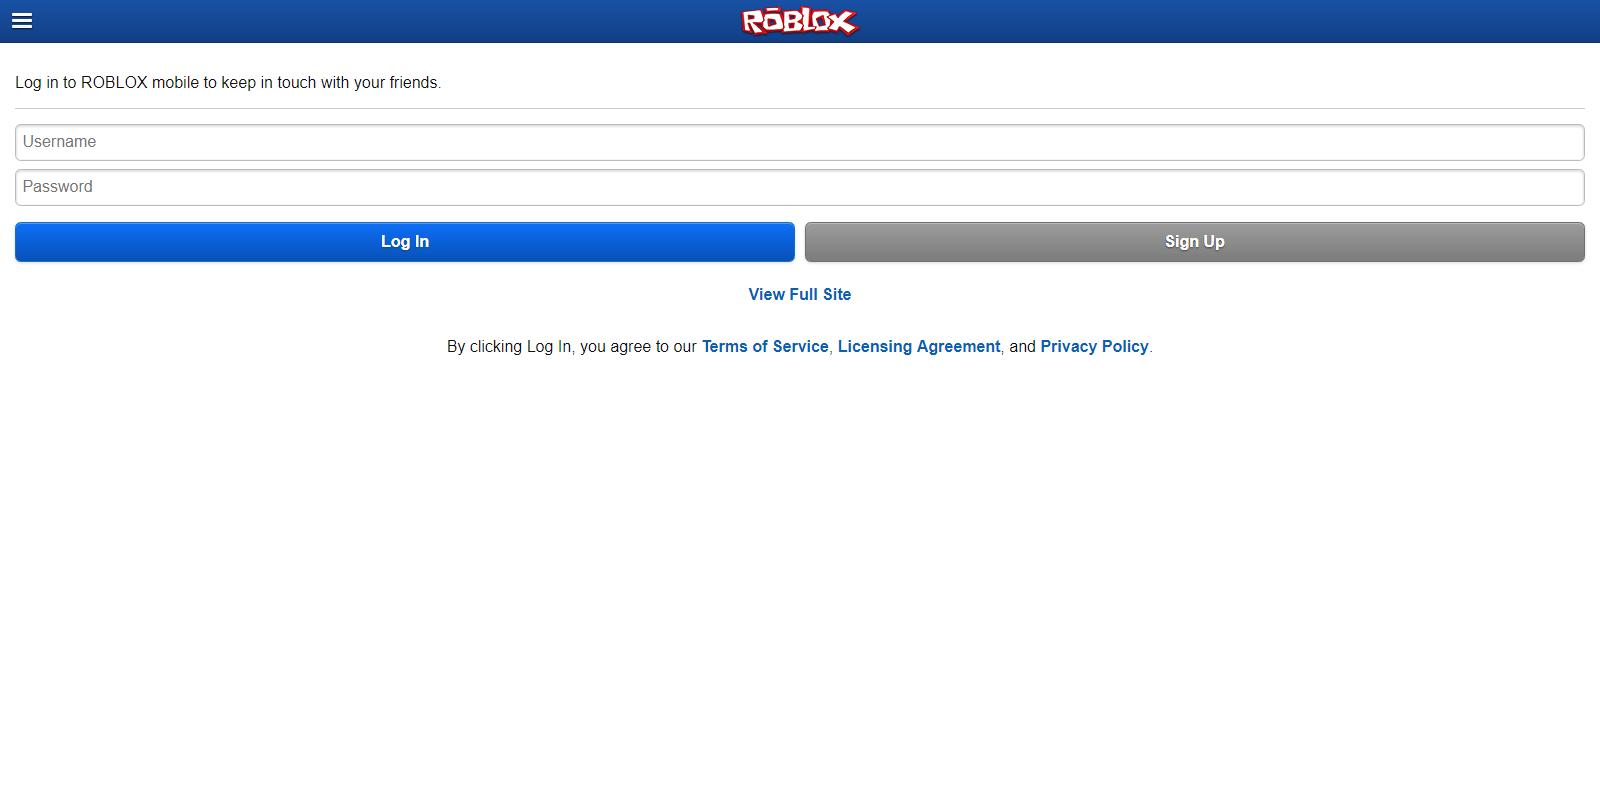 M.roblox.com